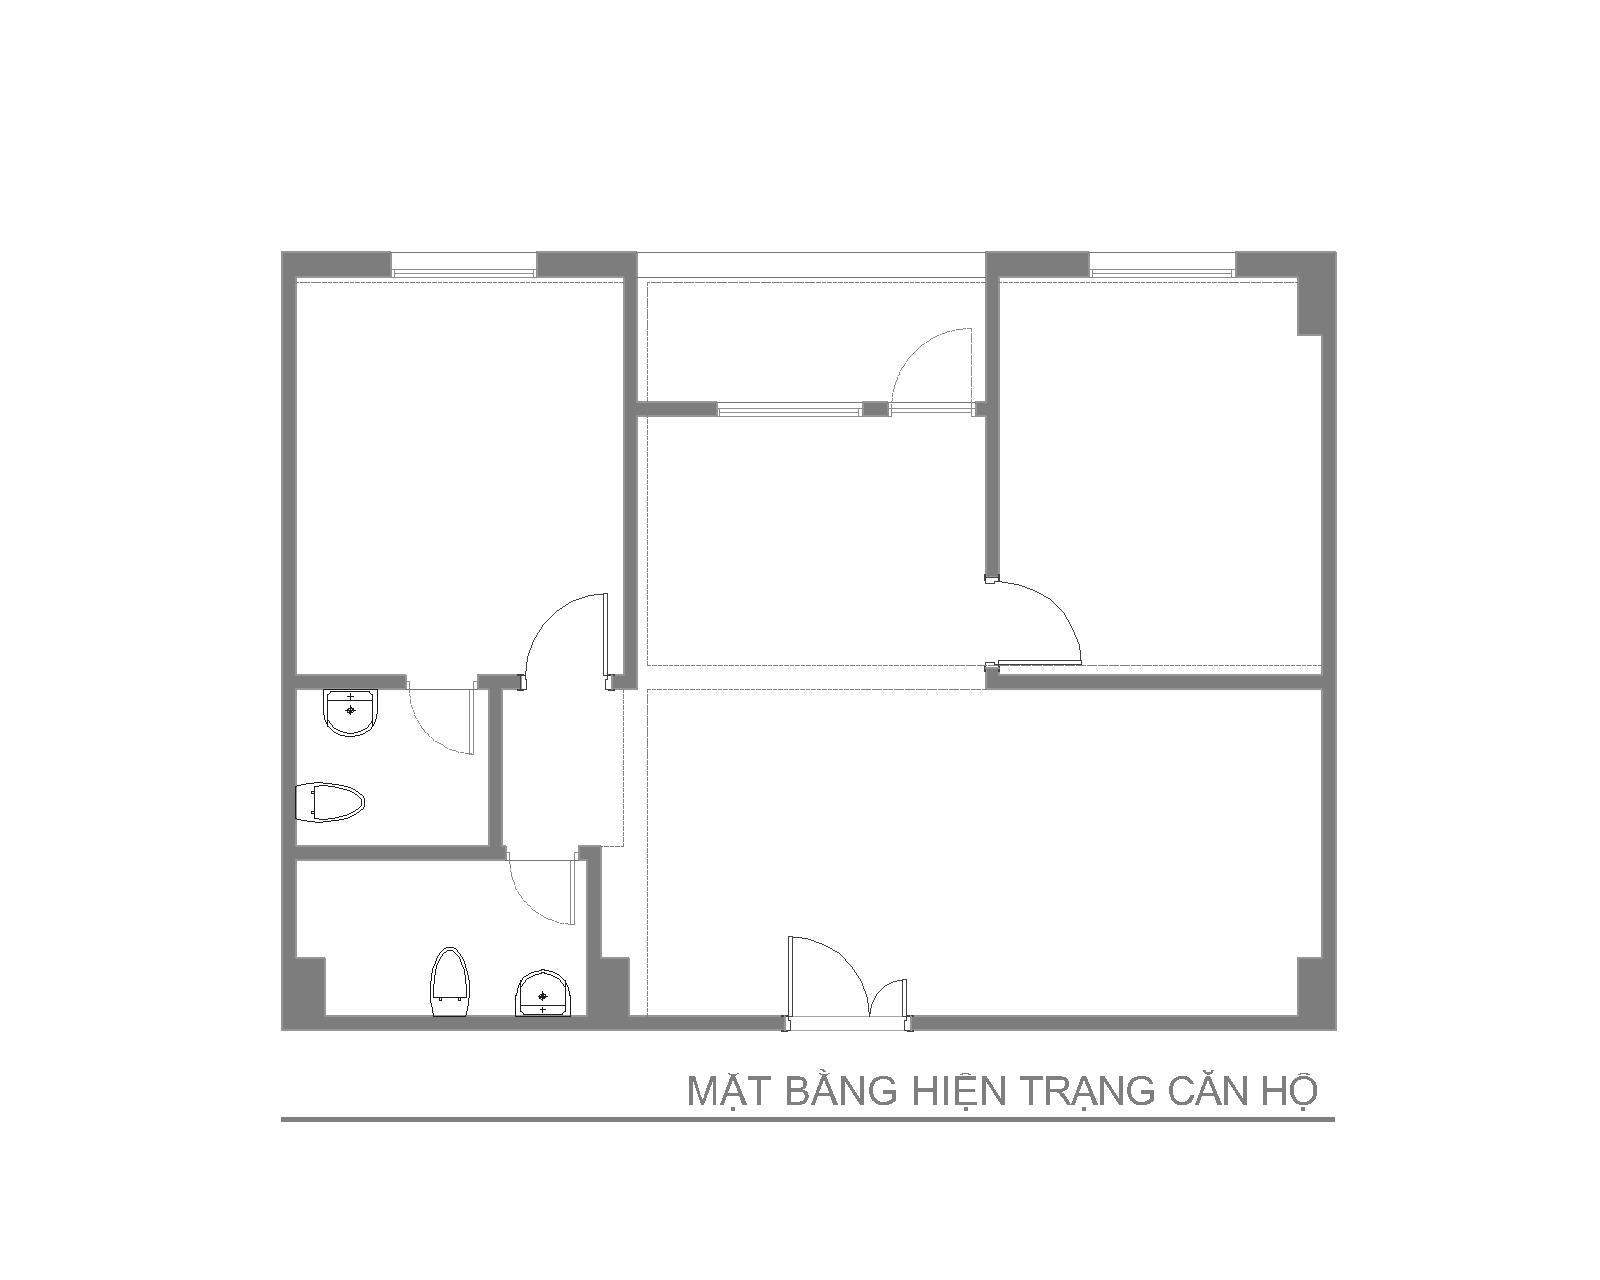 Nội thất căn hộ số 02 - Chung cư CT10 - Khu đô thị Việt Hưng- Mặt bằng trước cải tạo